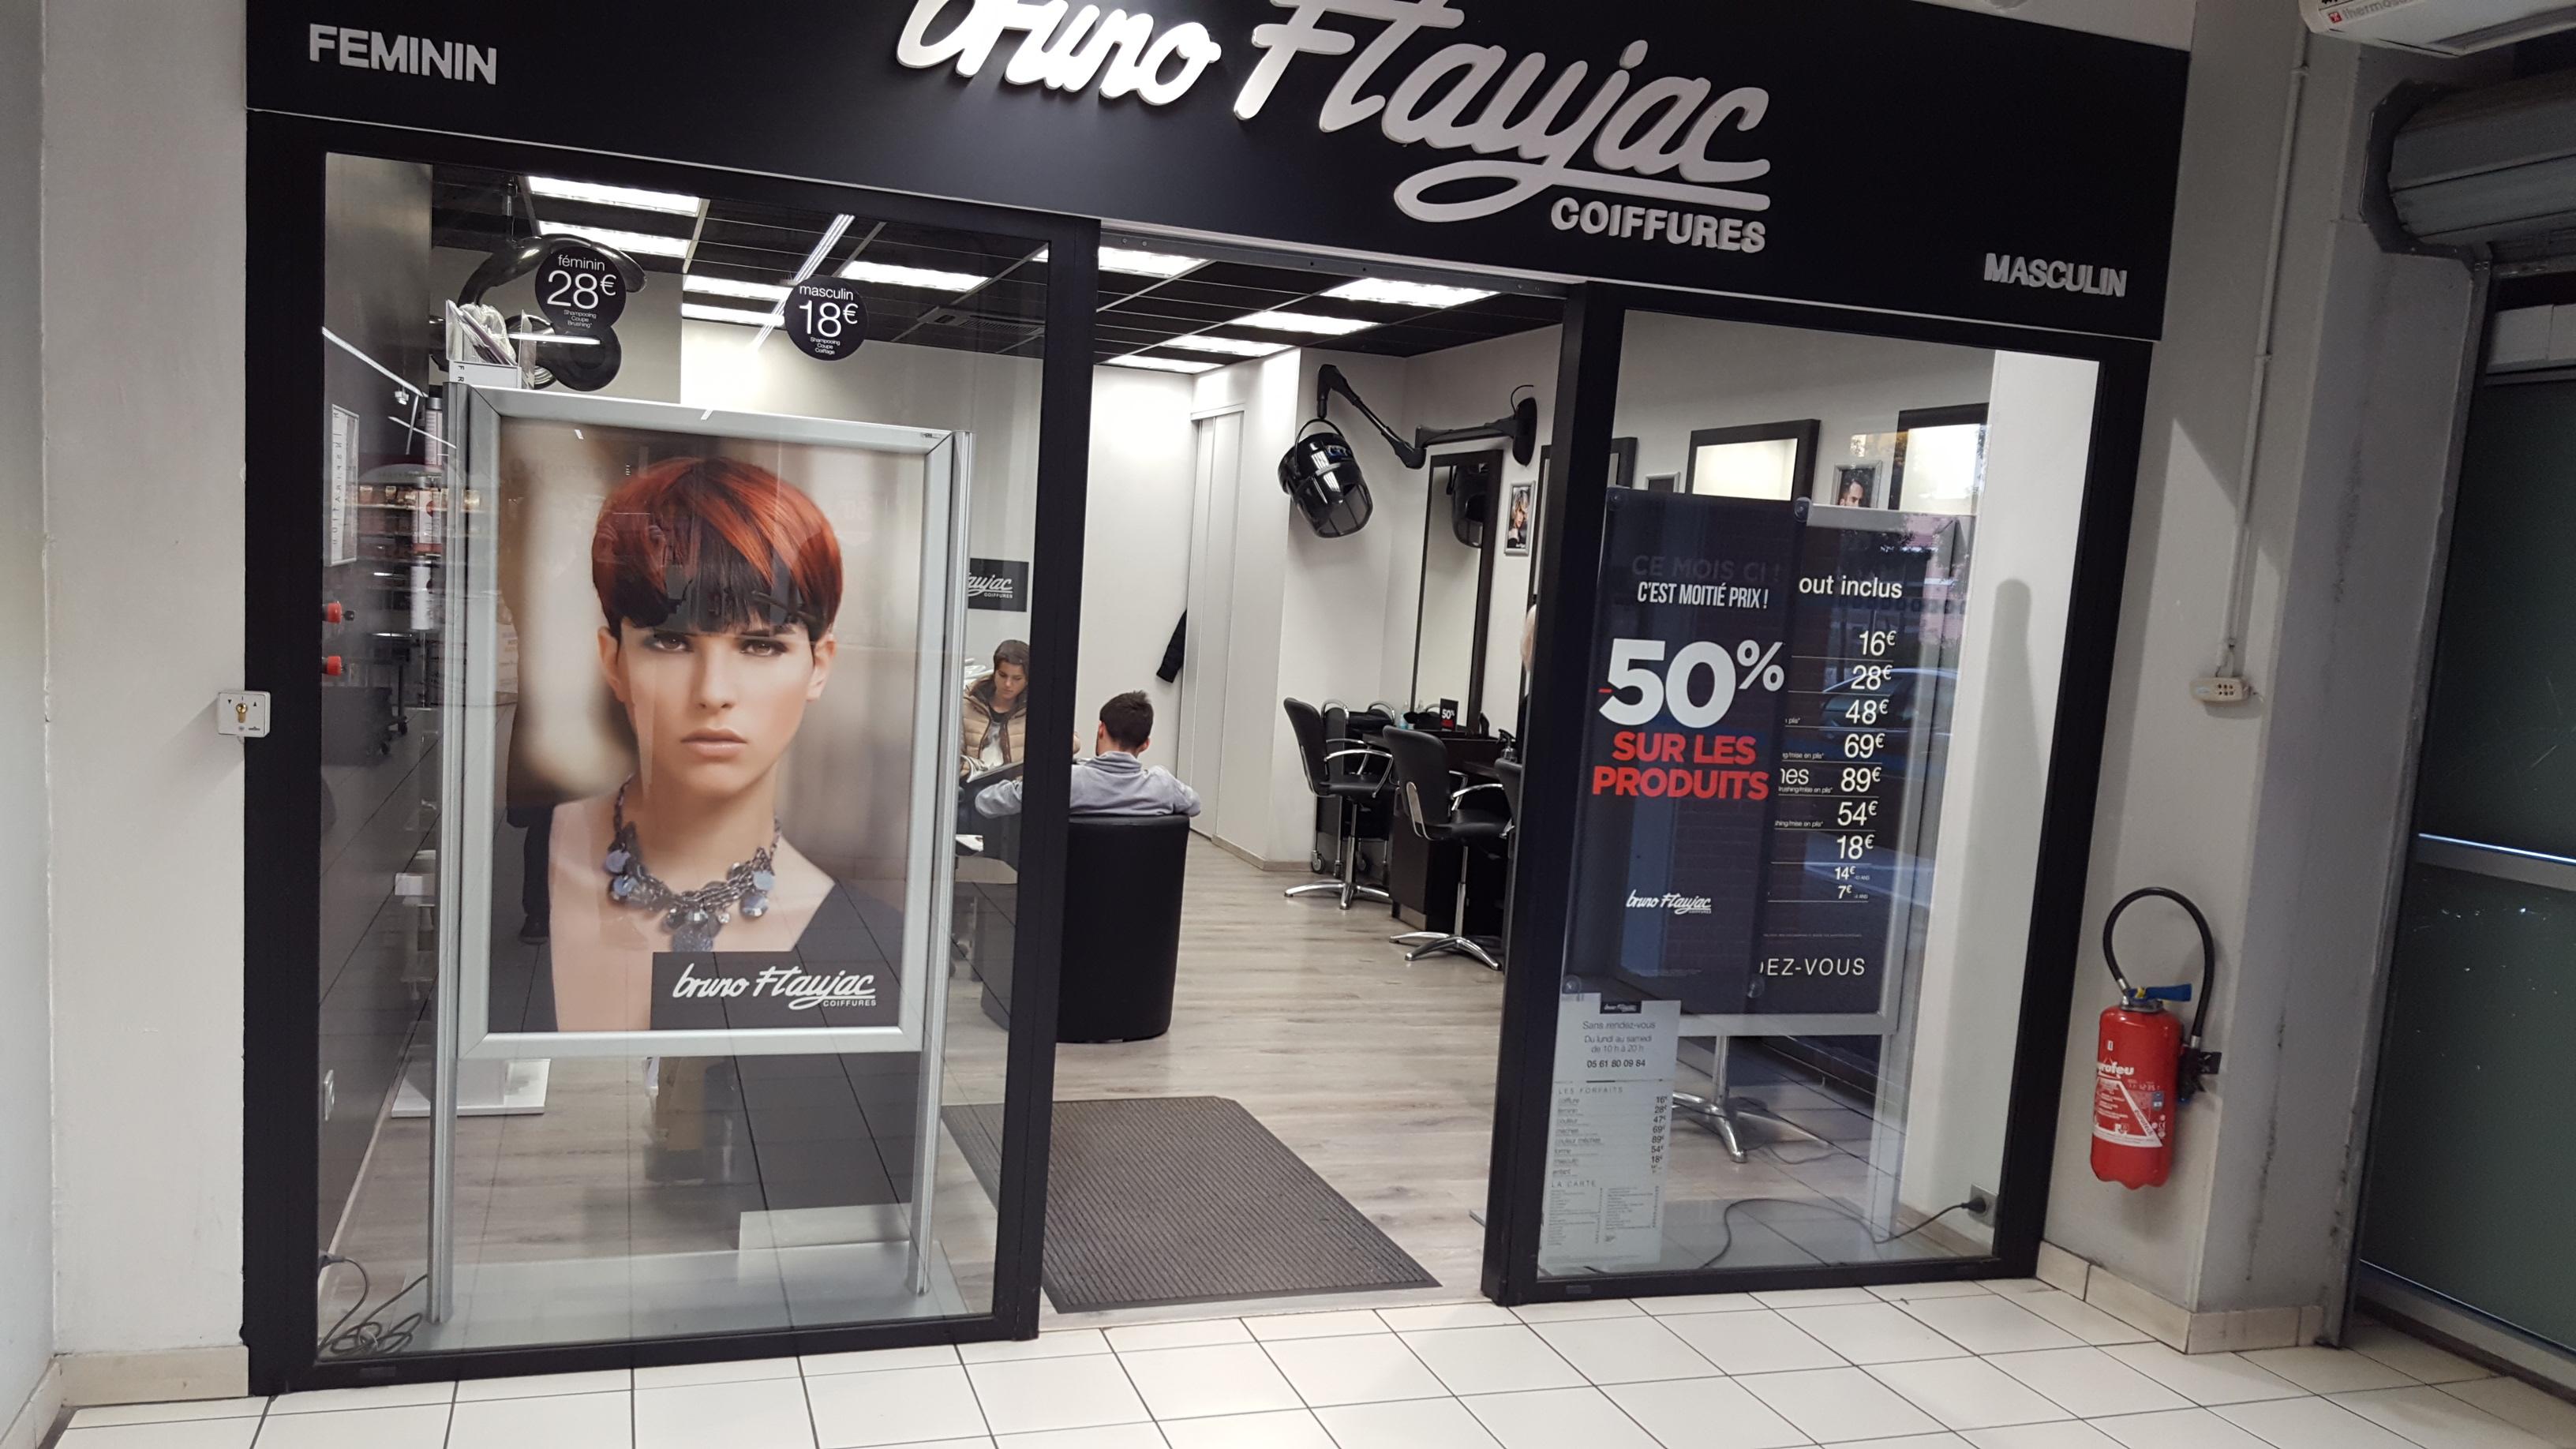 Toulouse ponts jumeaux bruno flaujac salon de for Salon de coiffure toulouse